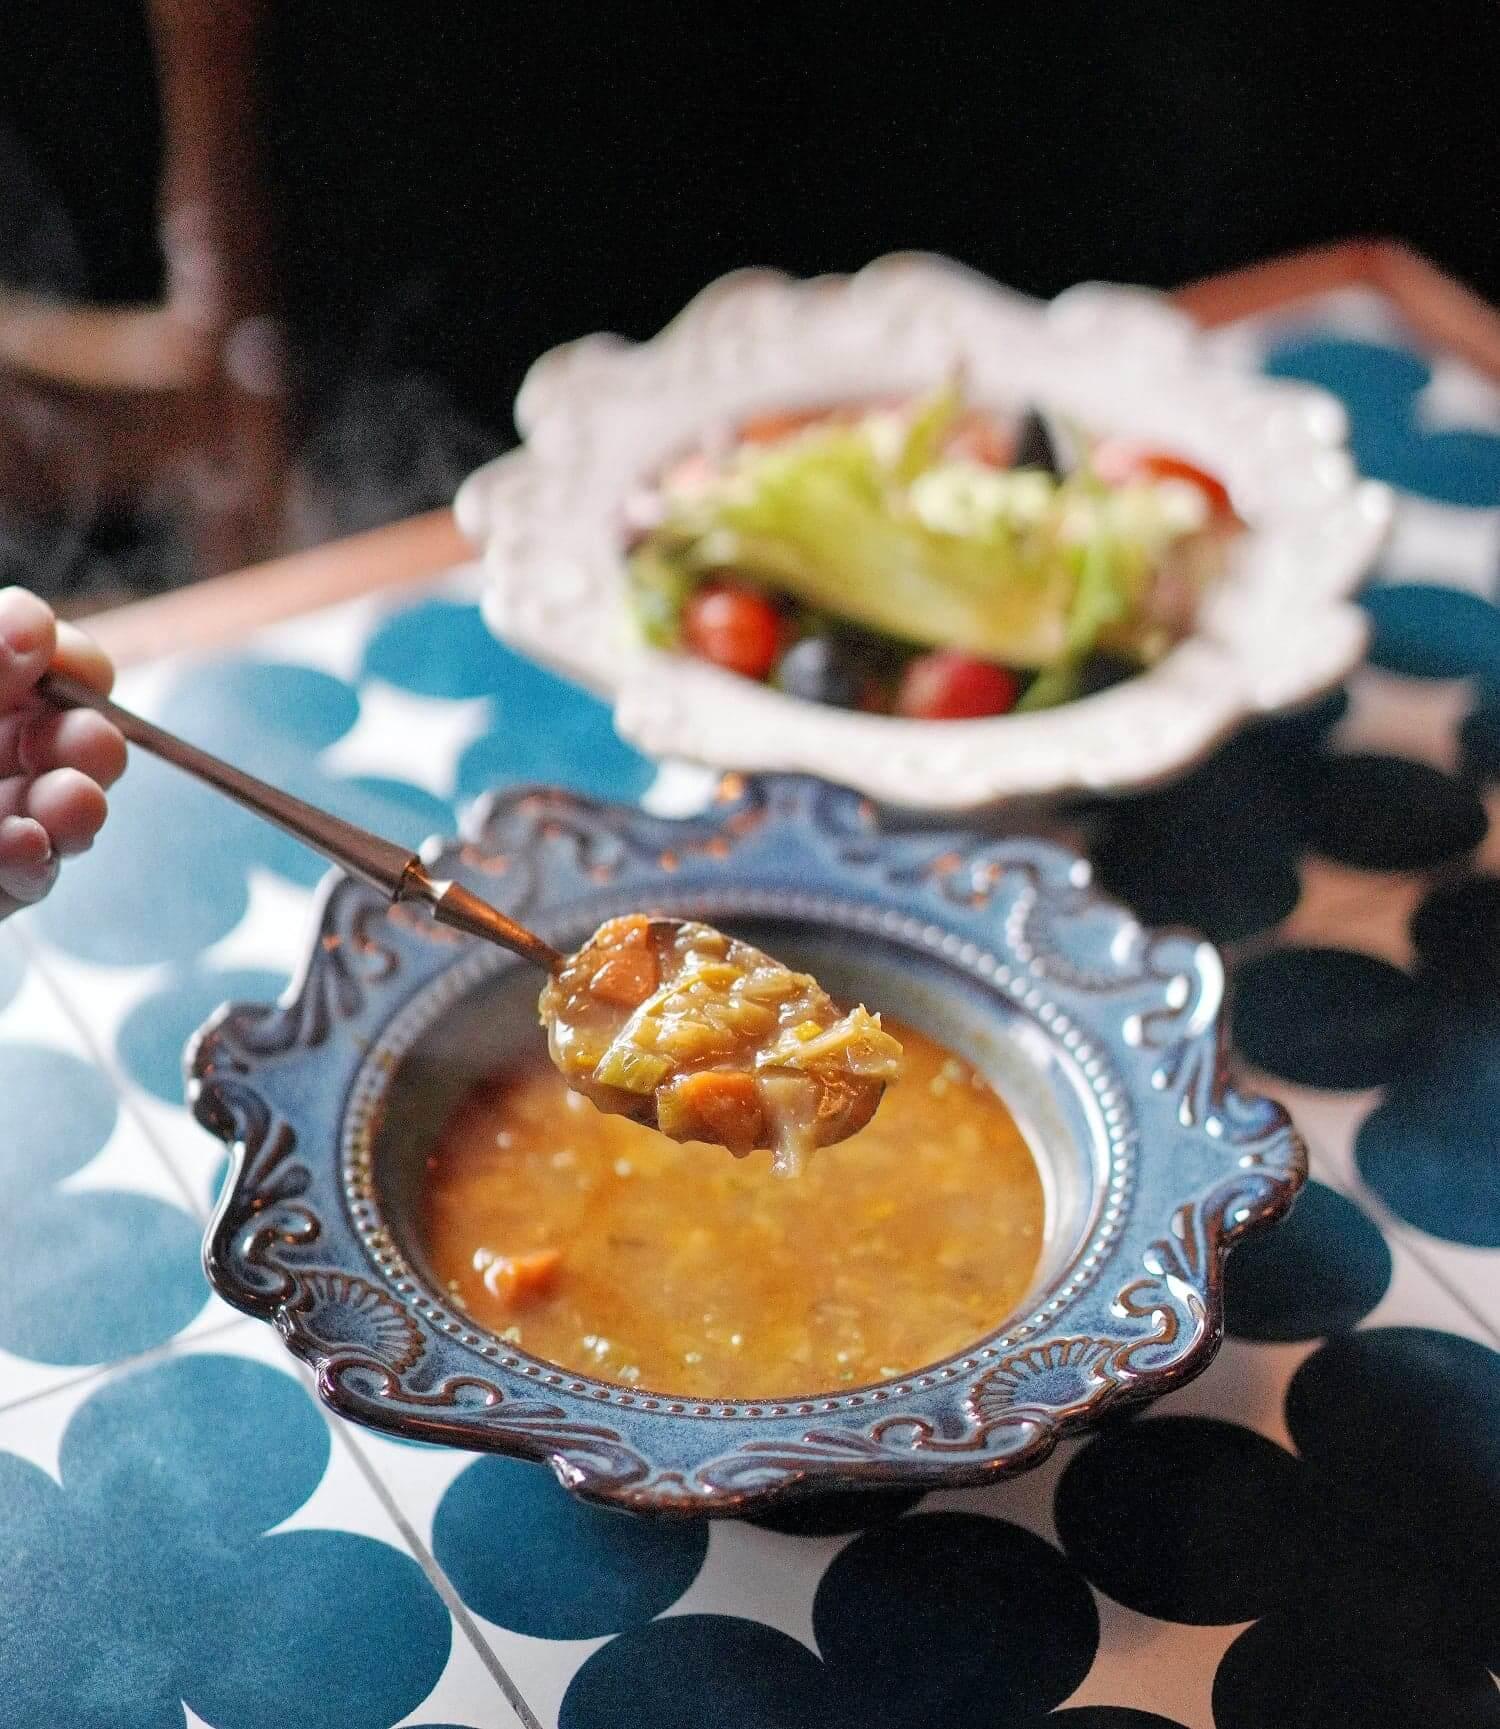 跟餐前菜:雜菜湯、水果沙律